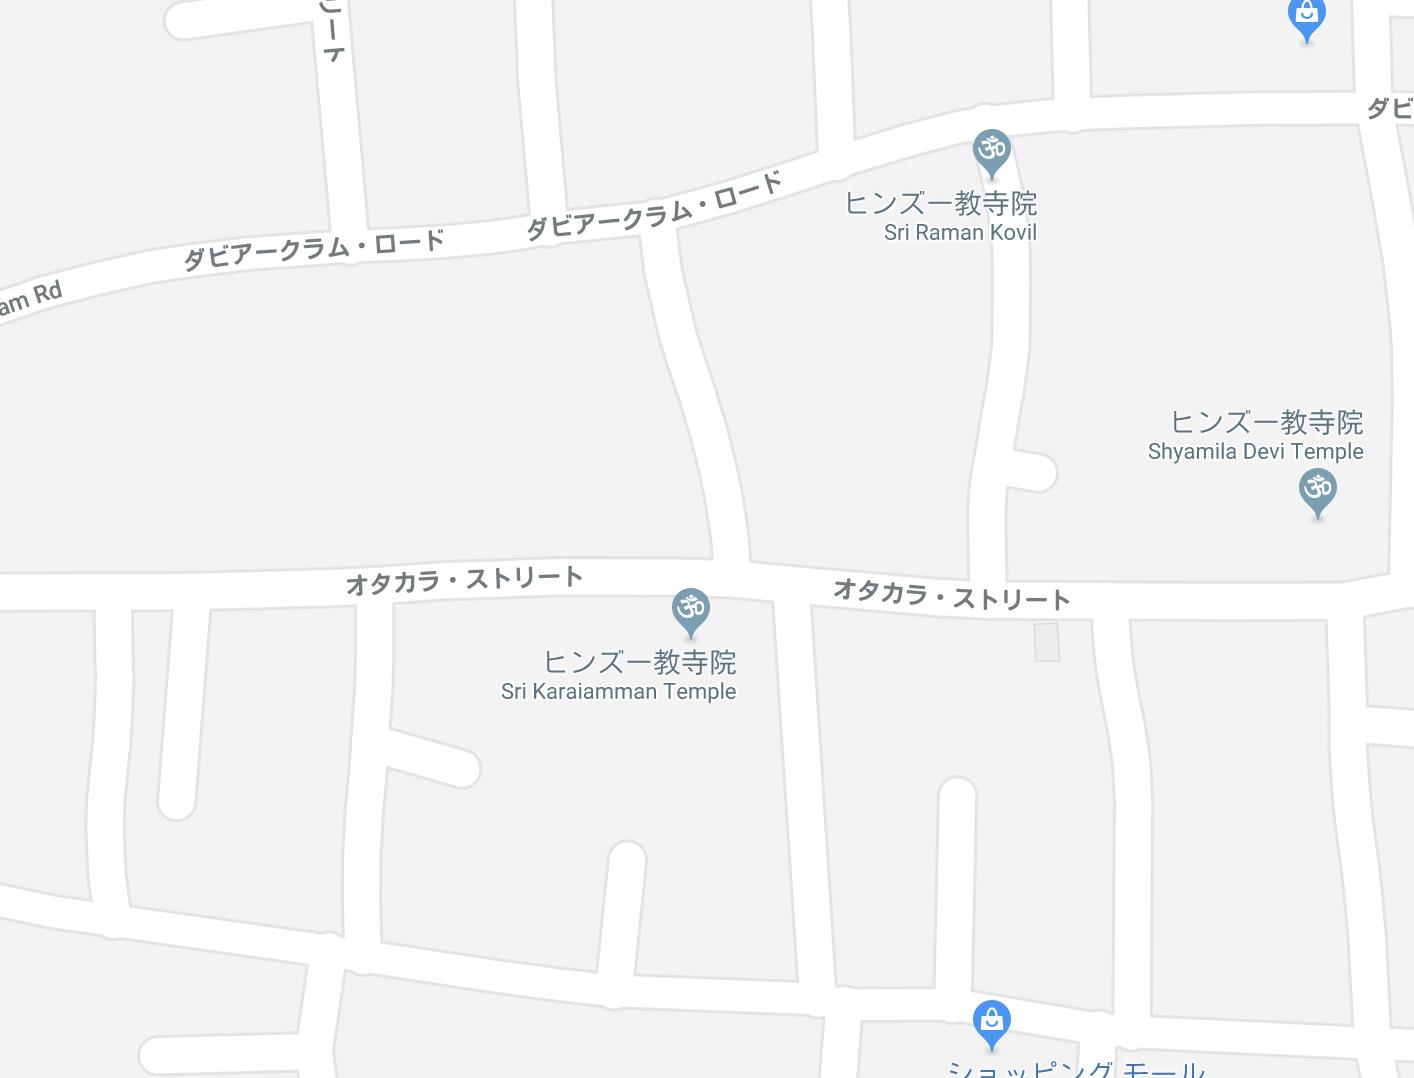 スクリーンショット 2018-01-13 19.48.53